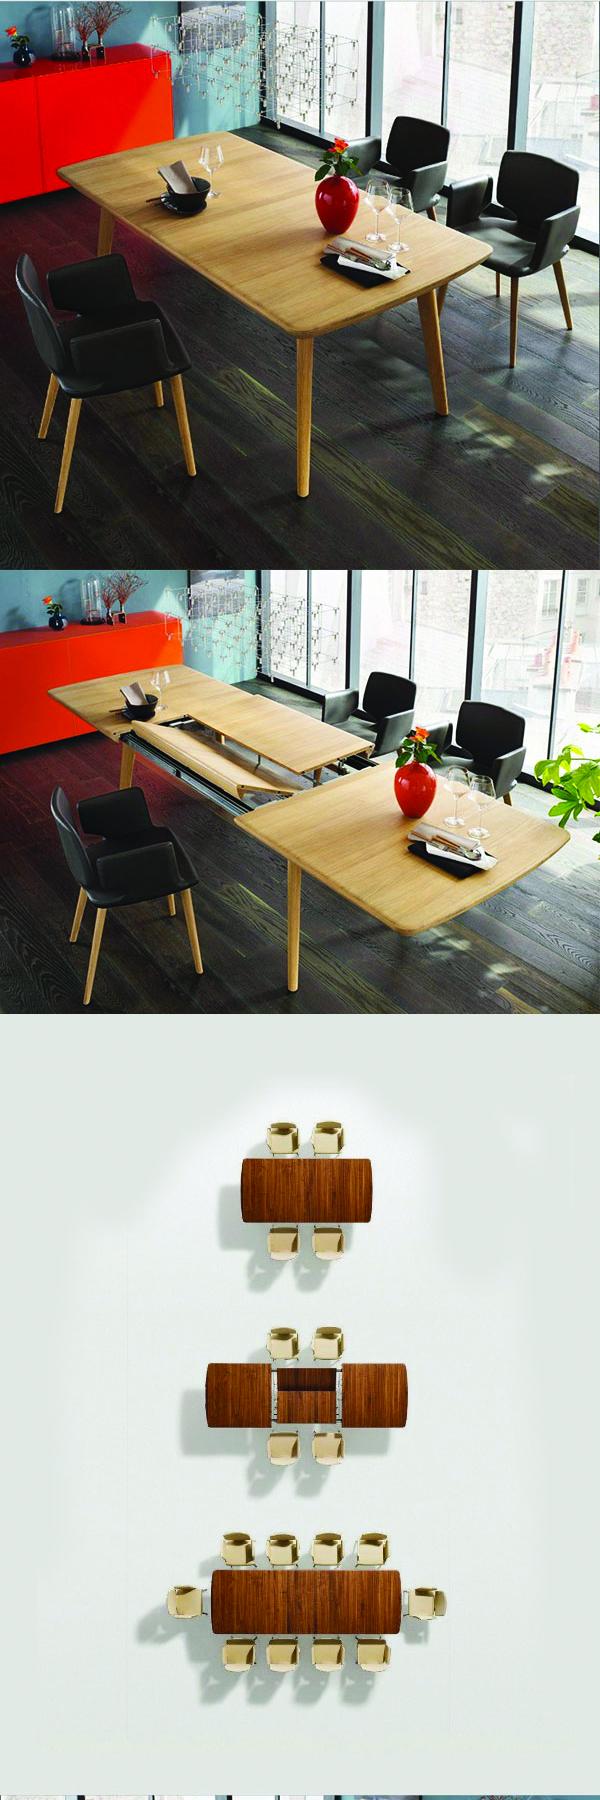 Mẫu bàn ăn thông minh nhà thiết kế Team7